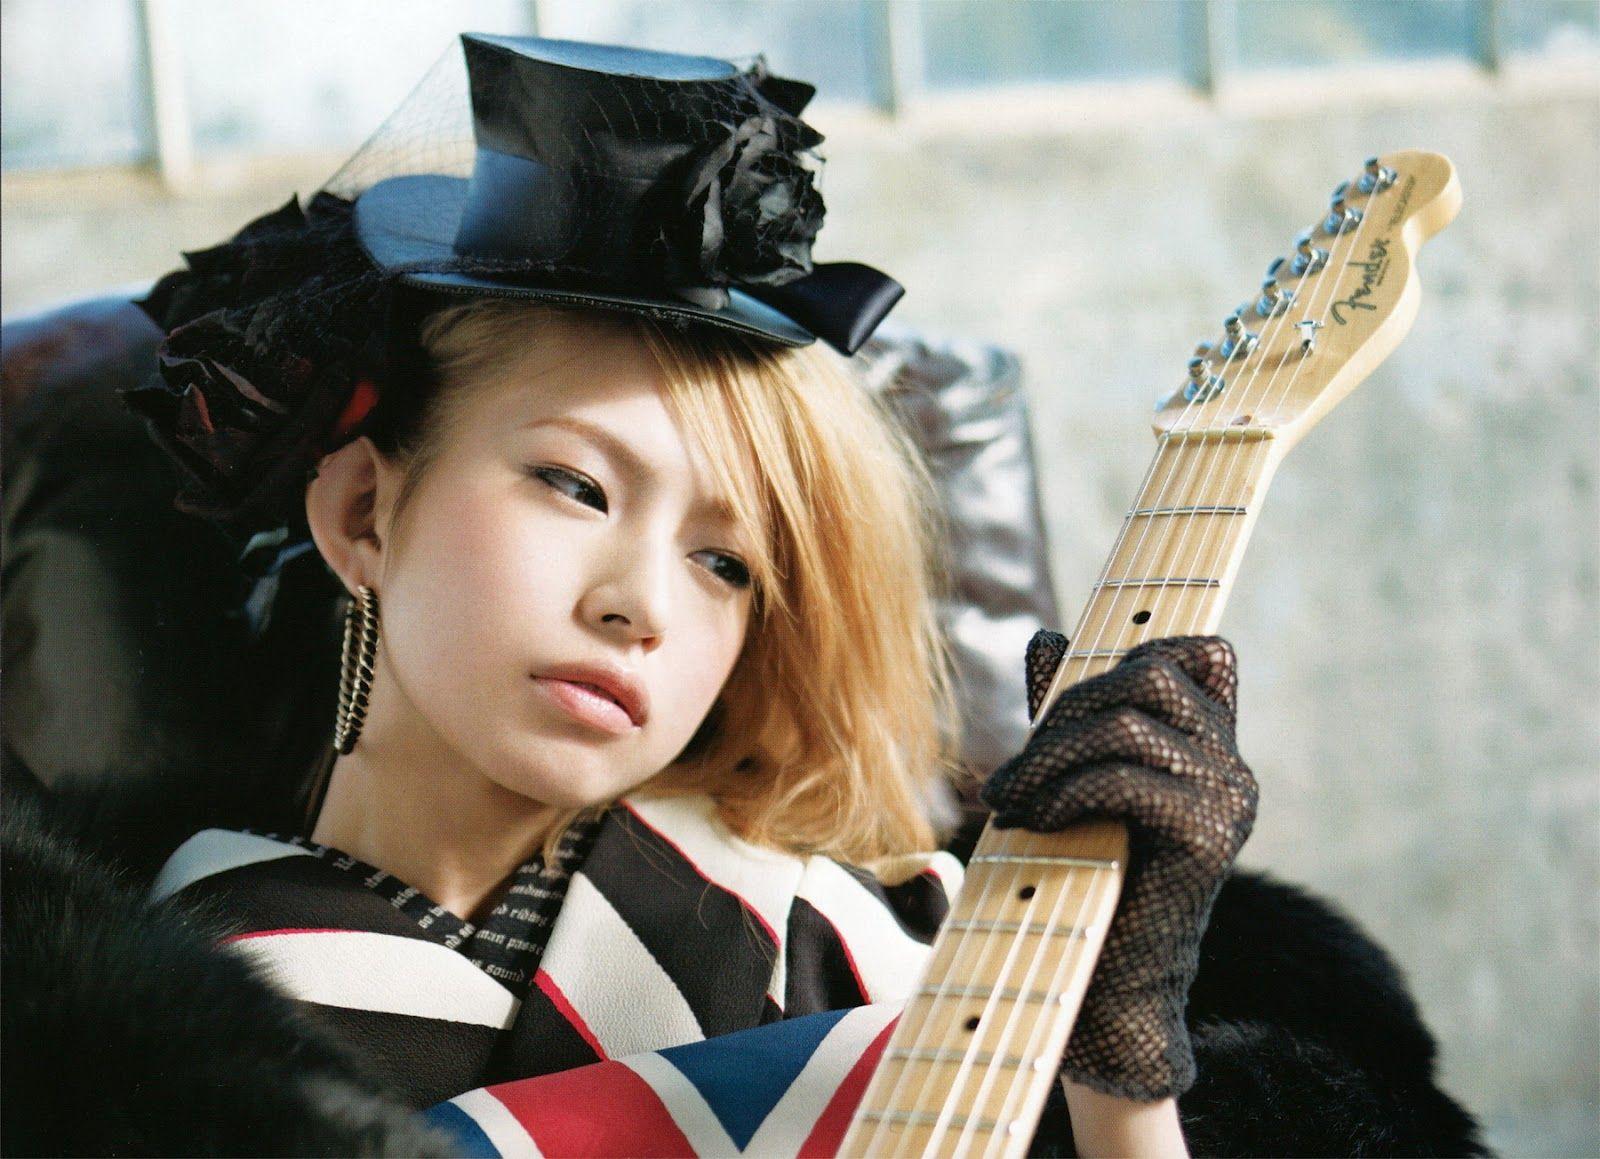 SCANDAL JAPAN BAND WALLPAPER Haruna Scandal, Band